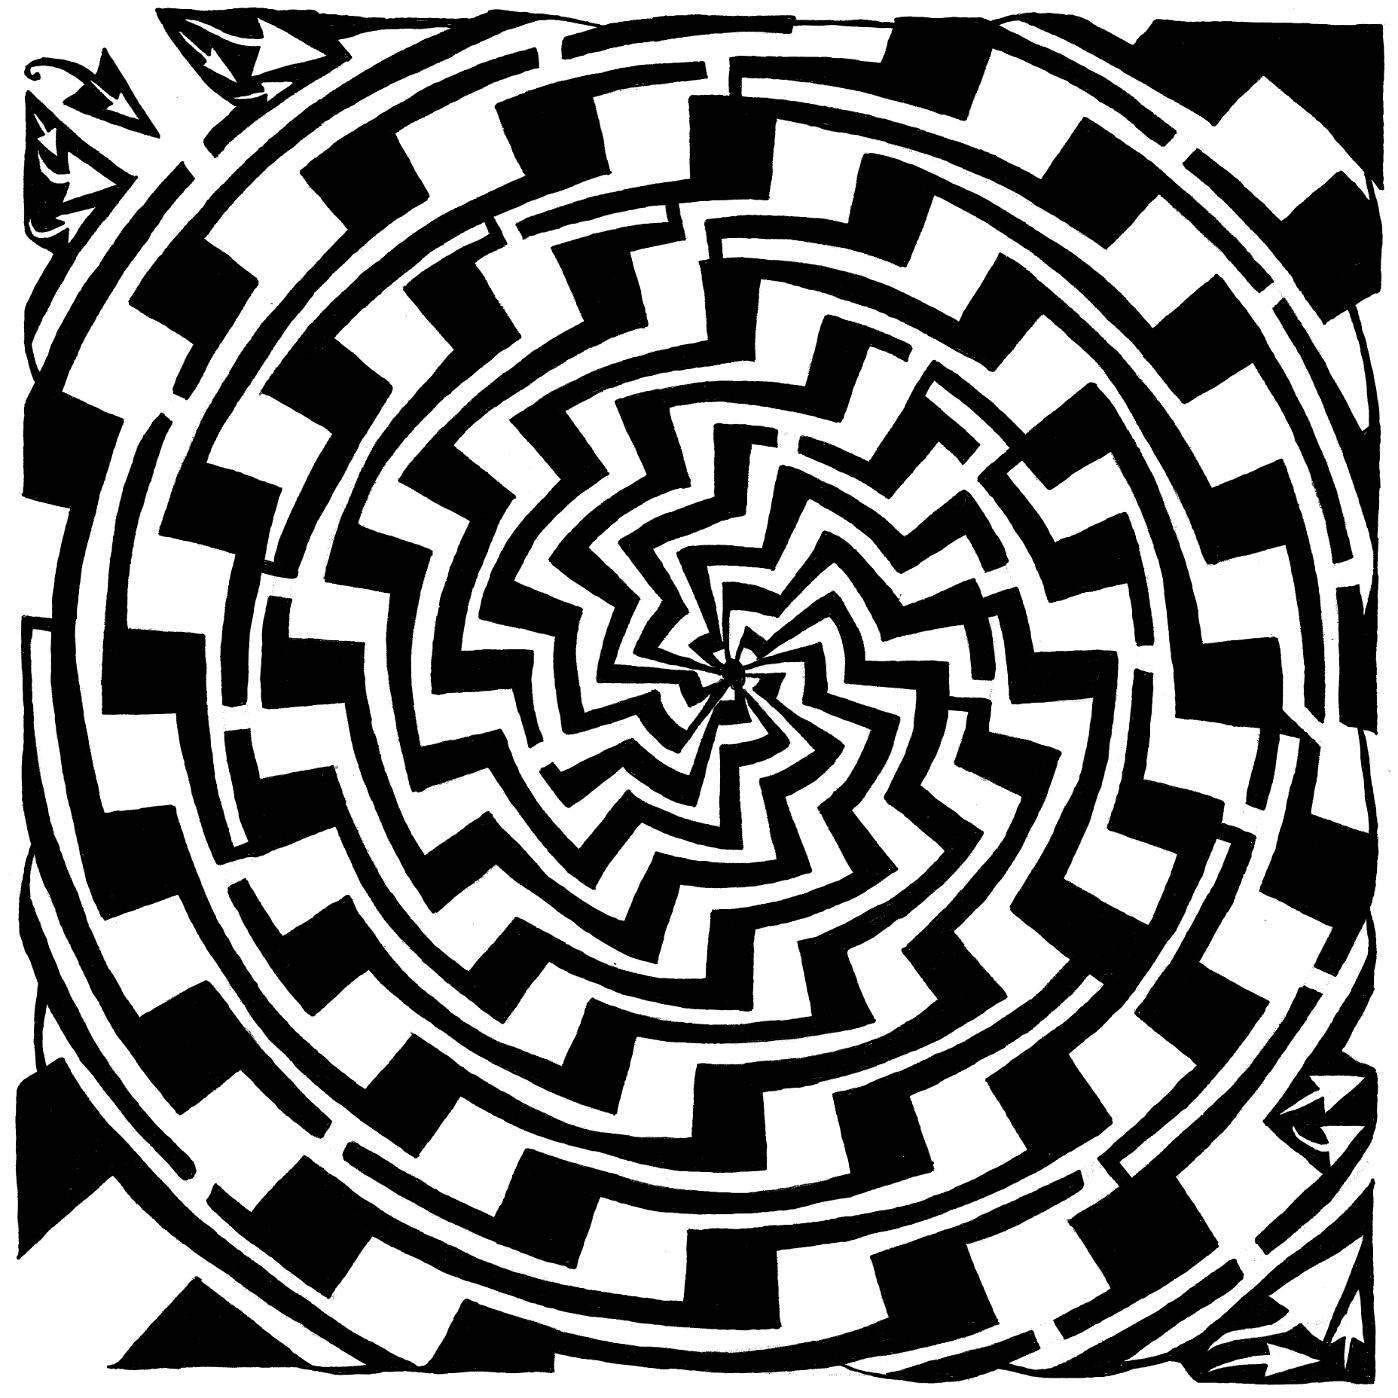 jagged swirl maze optical illusion by Yonatan Frimer